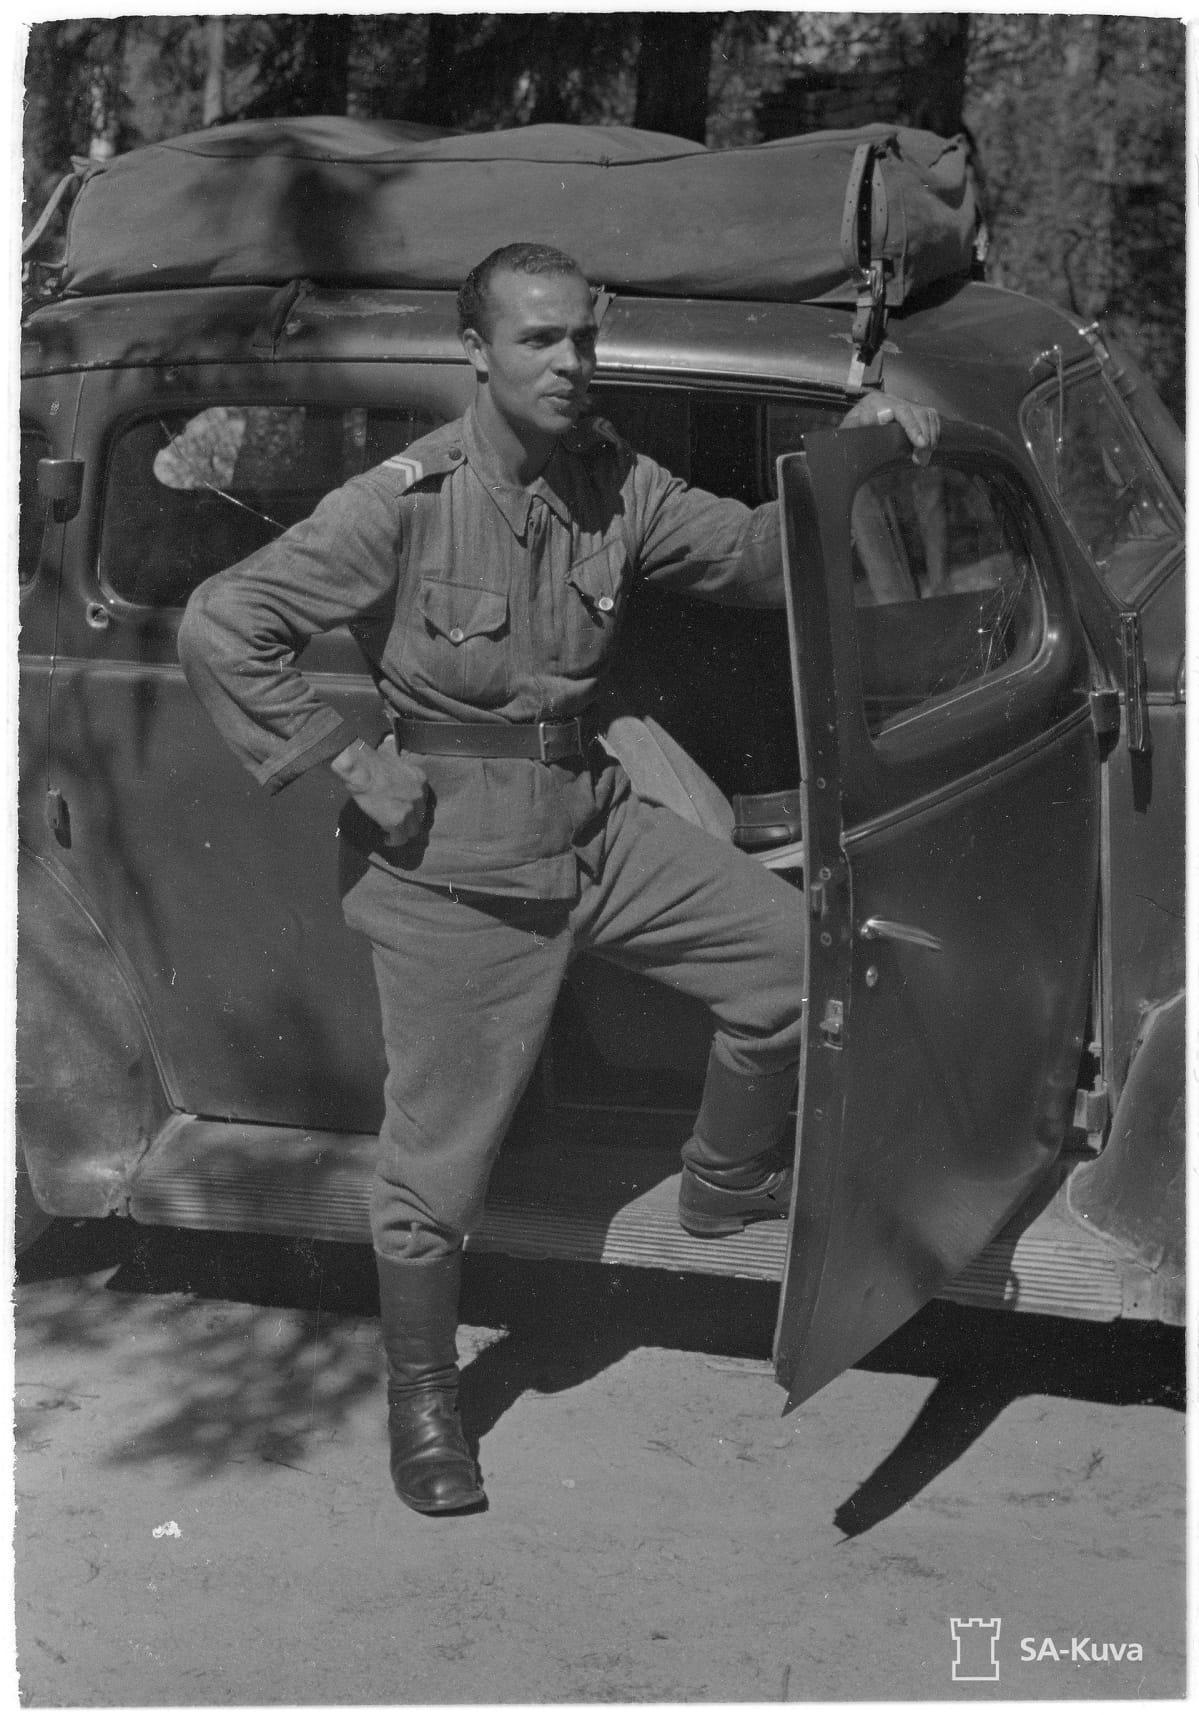 Holger Sonntag ajoneuvon edessä vanhassa valokuvassa.